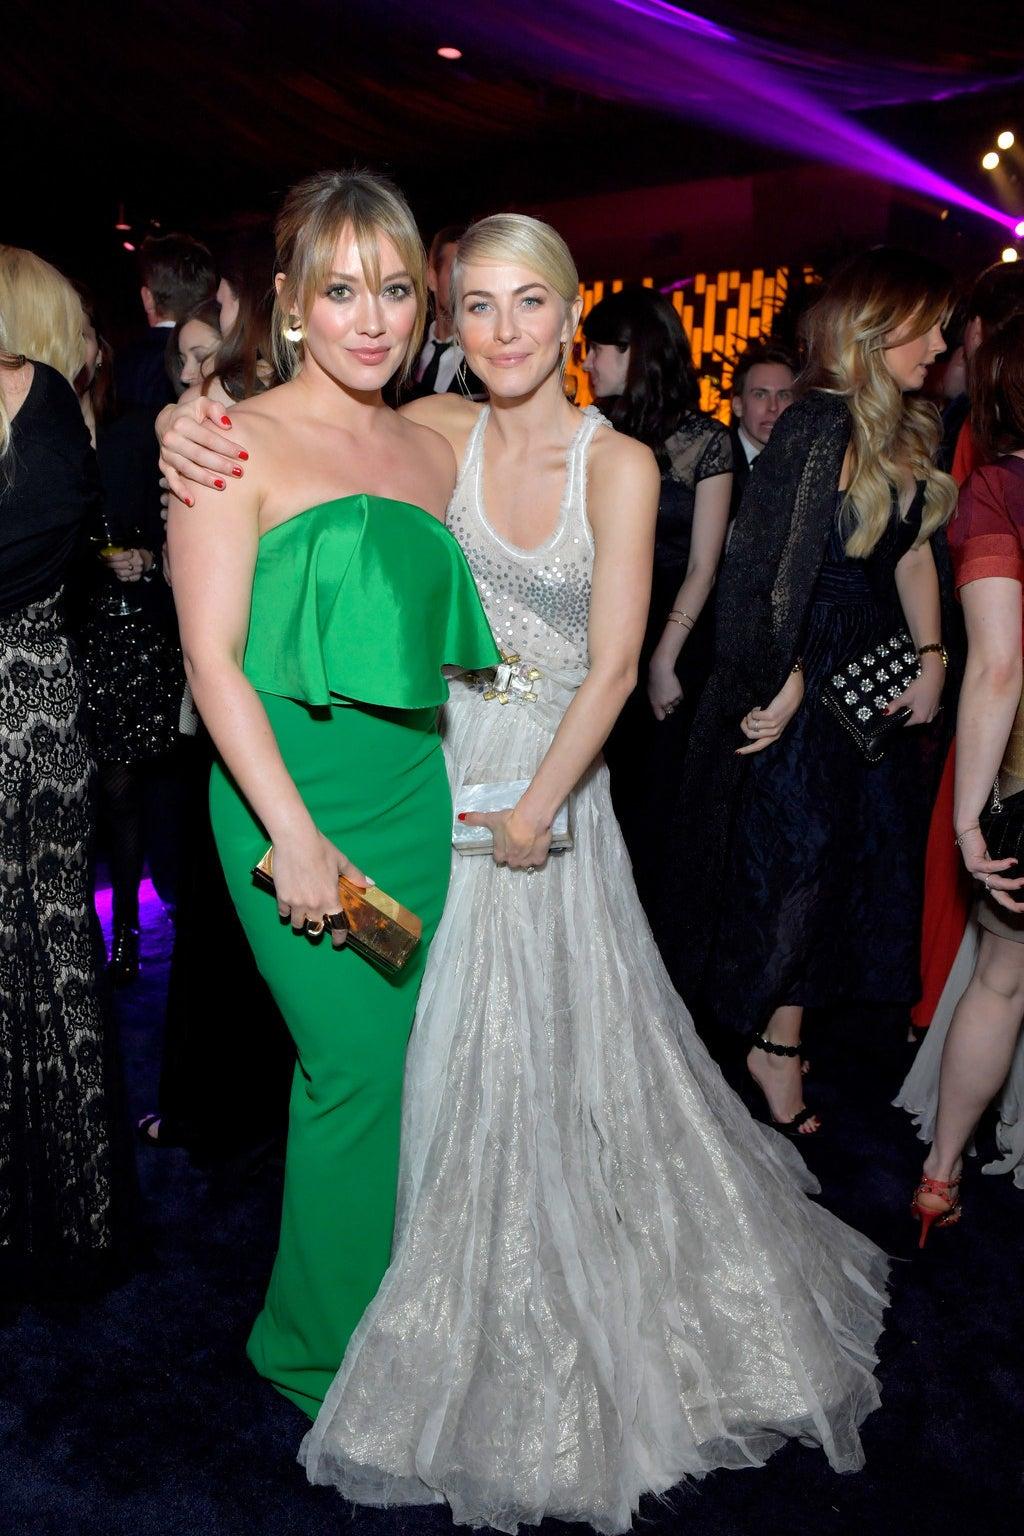 Hilary Duff and Julianne Hough